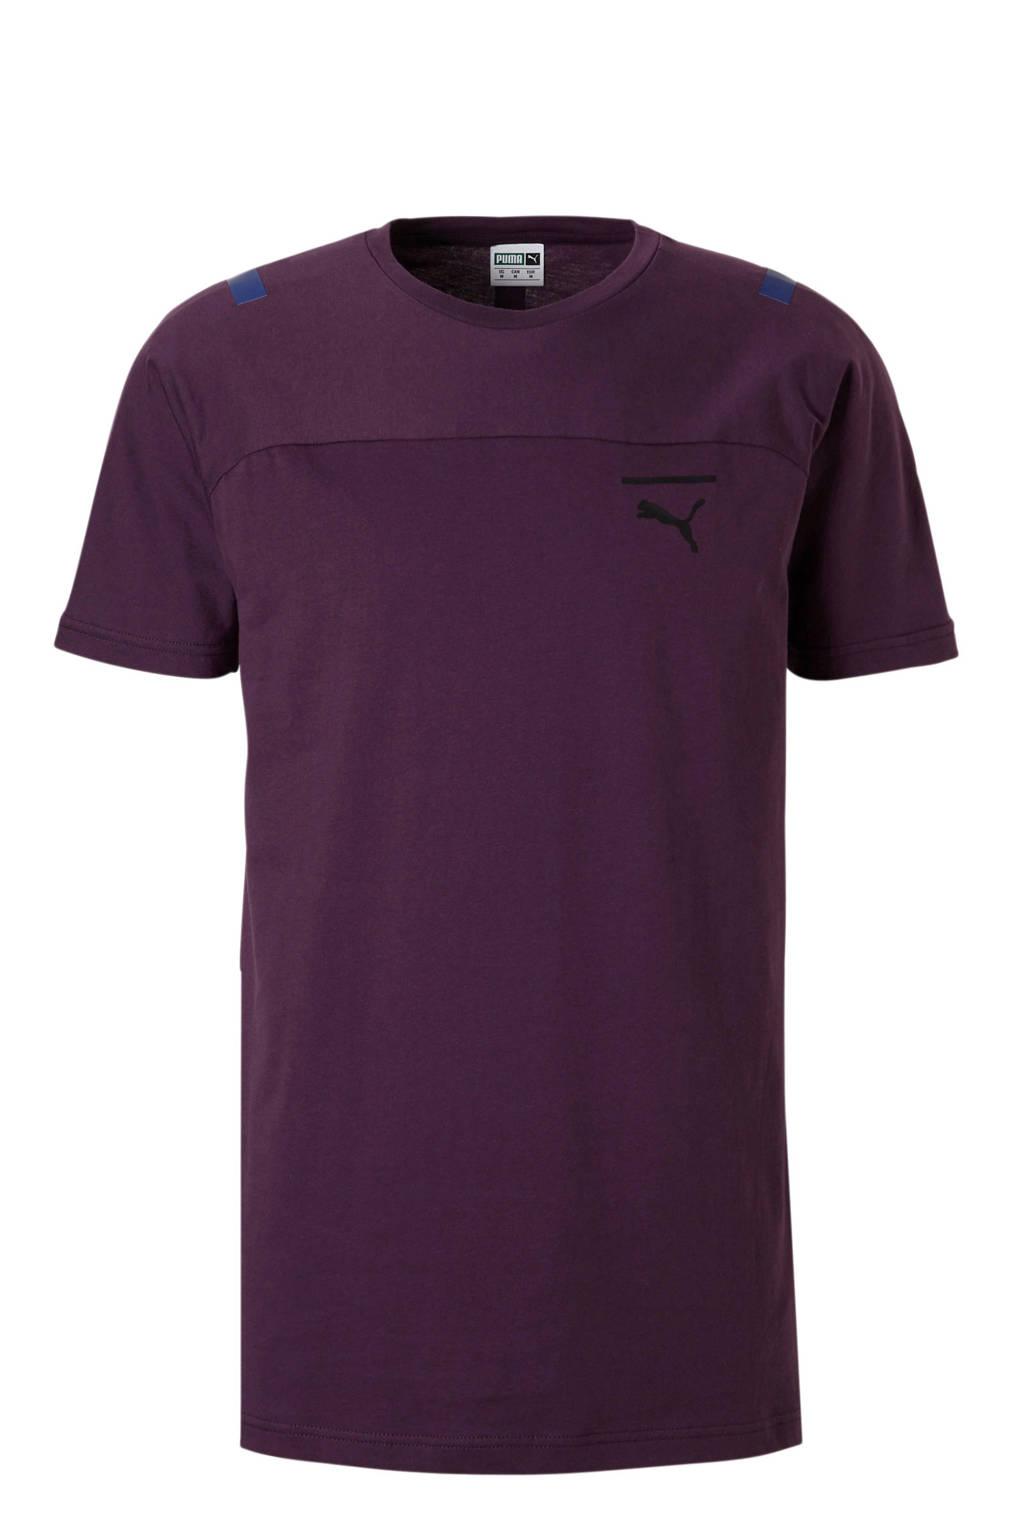 Puma   lang T-shirt paars, Paars